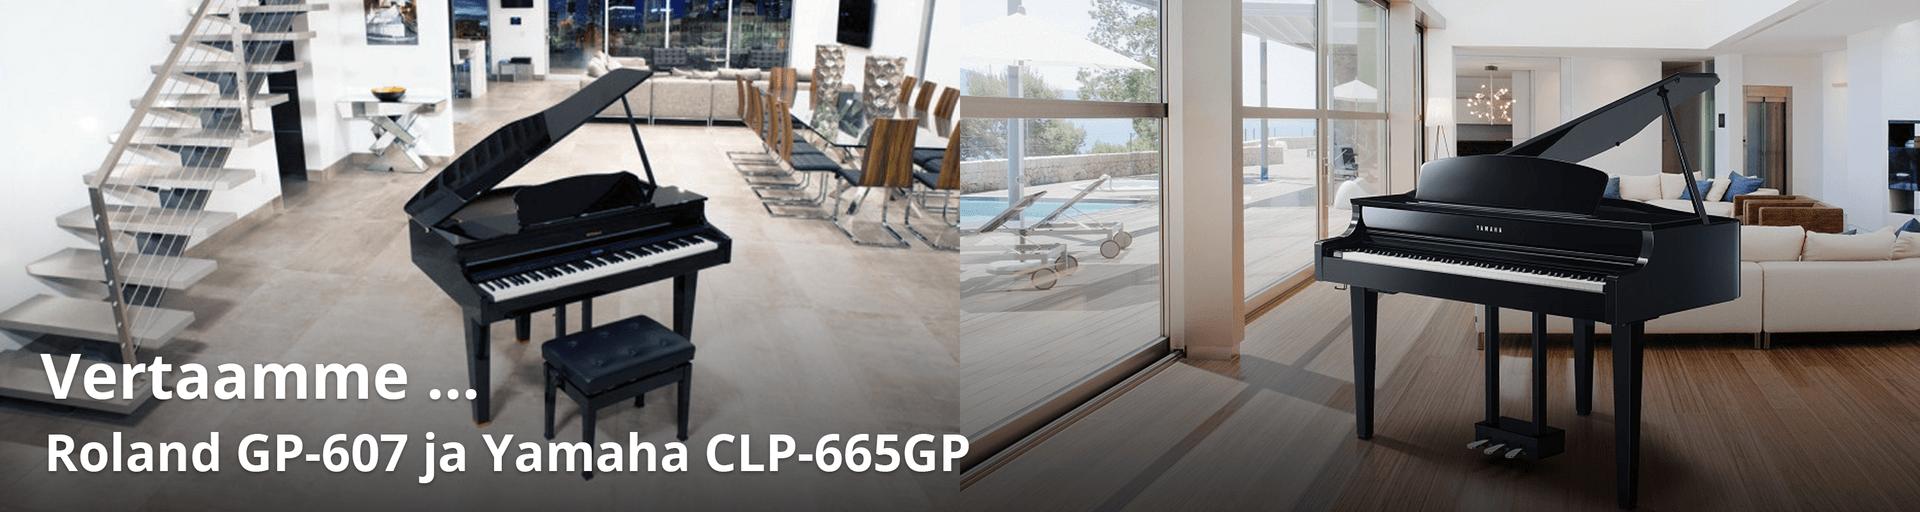 Vertailussa Yamaha CLP-665GP ja Roland GP-607